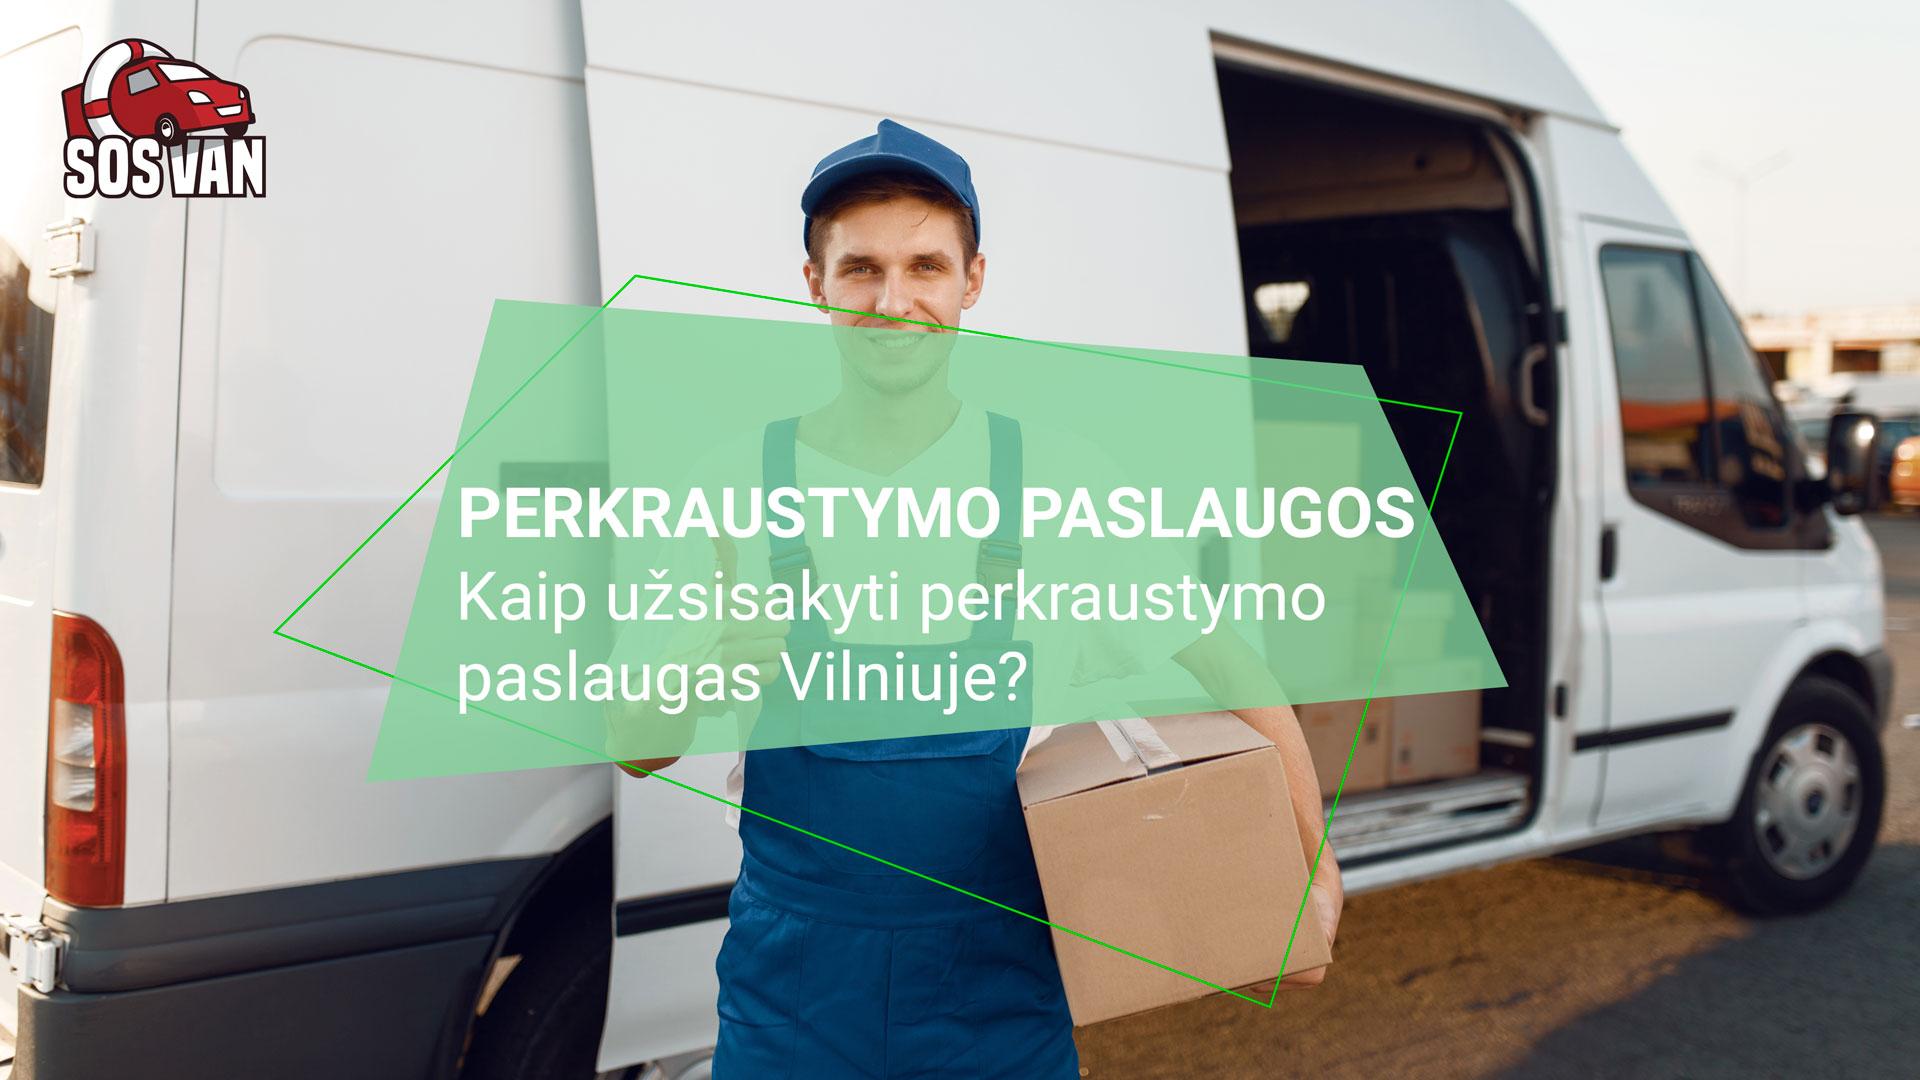 Perkraustymo paslaugos Vilniuje  | Siuntų pervežimas ne tik Lietuvoje - SOSAVAN